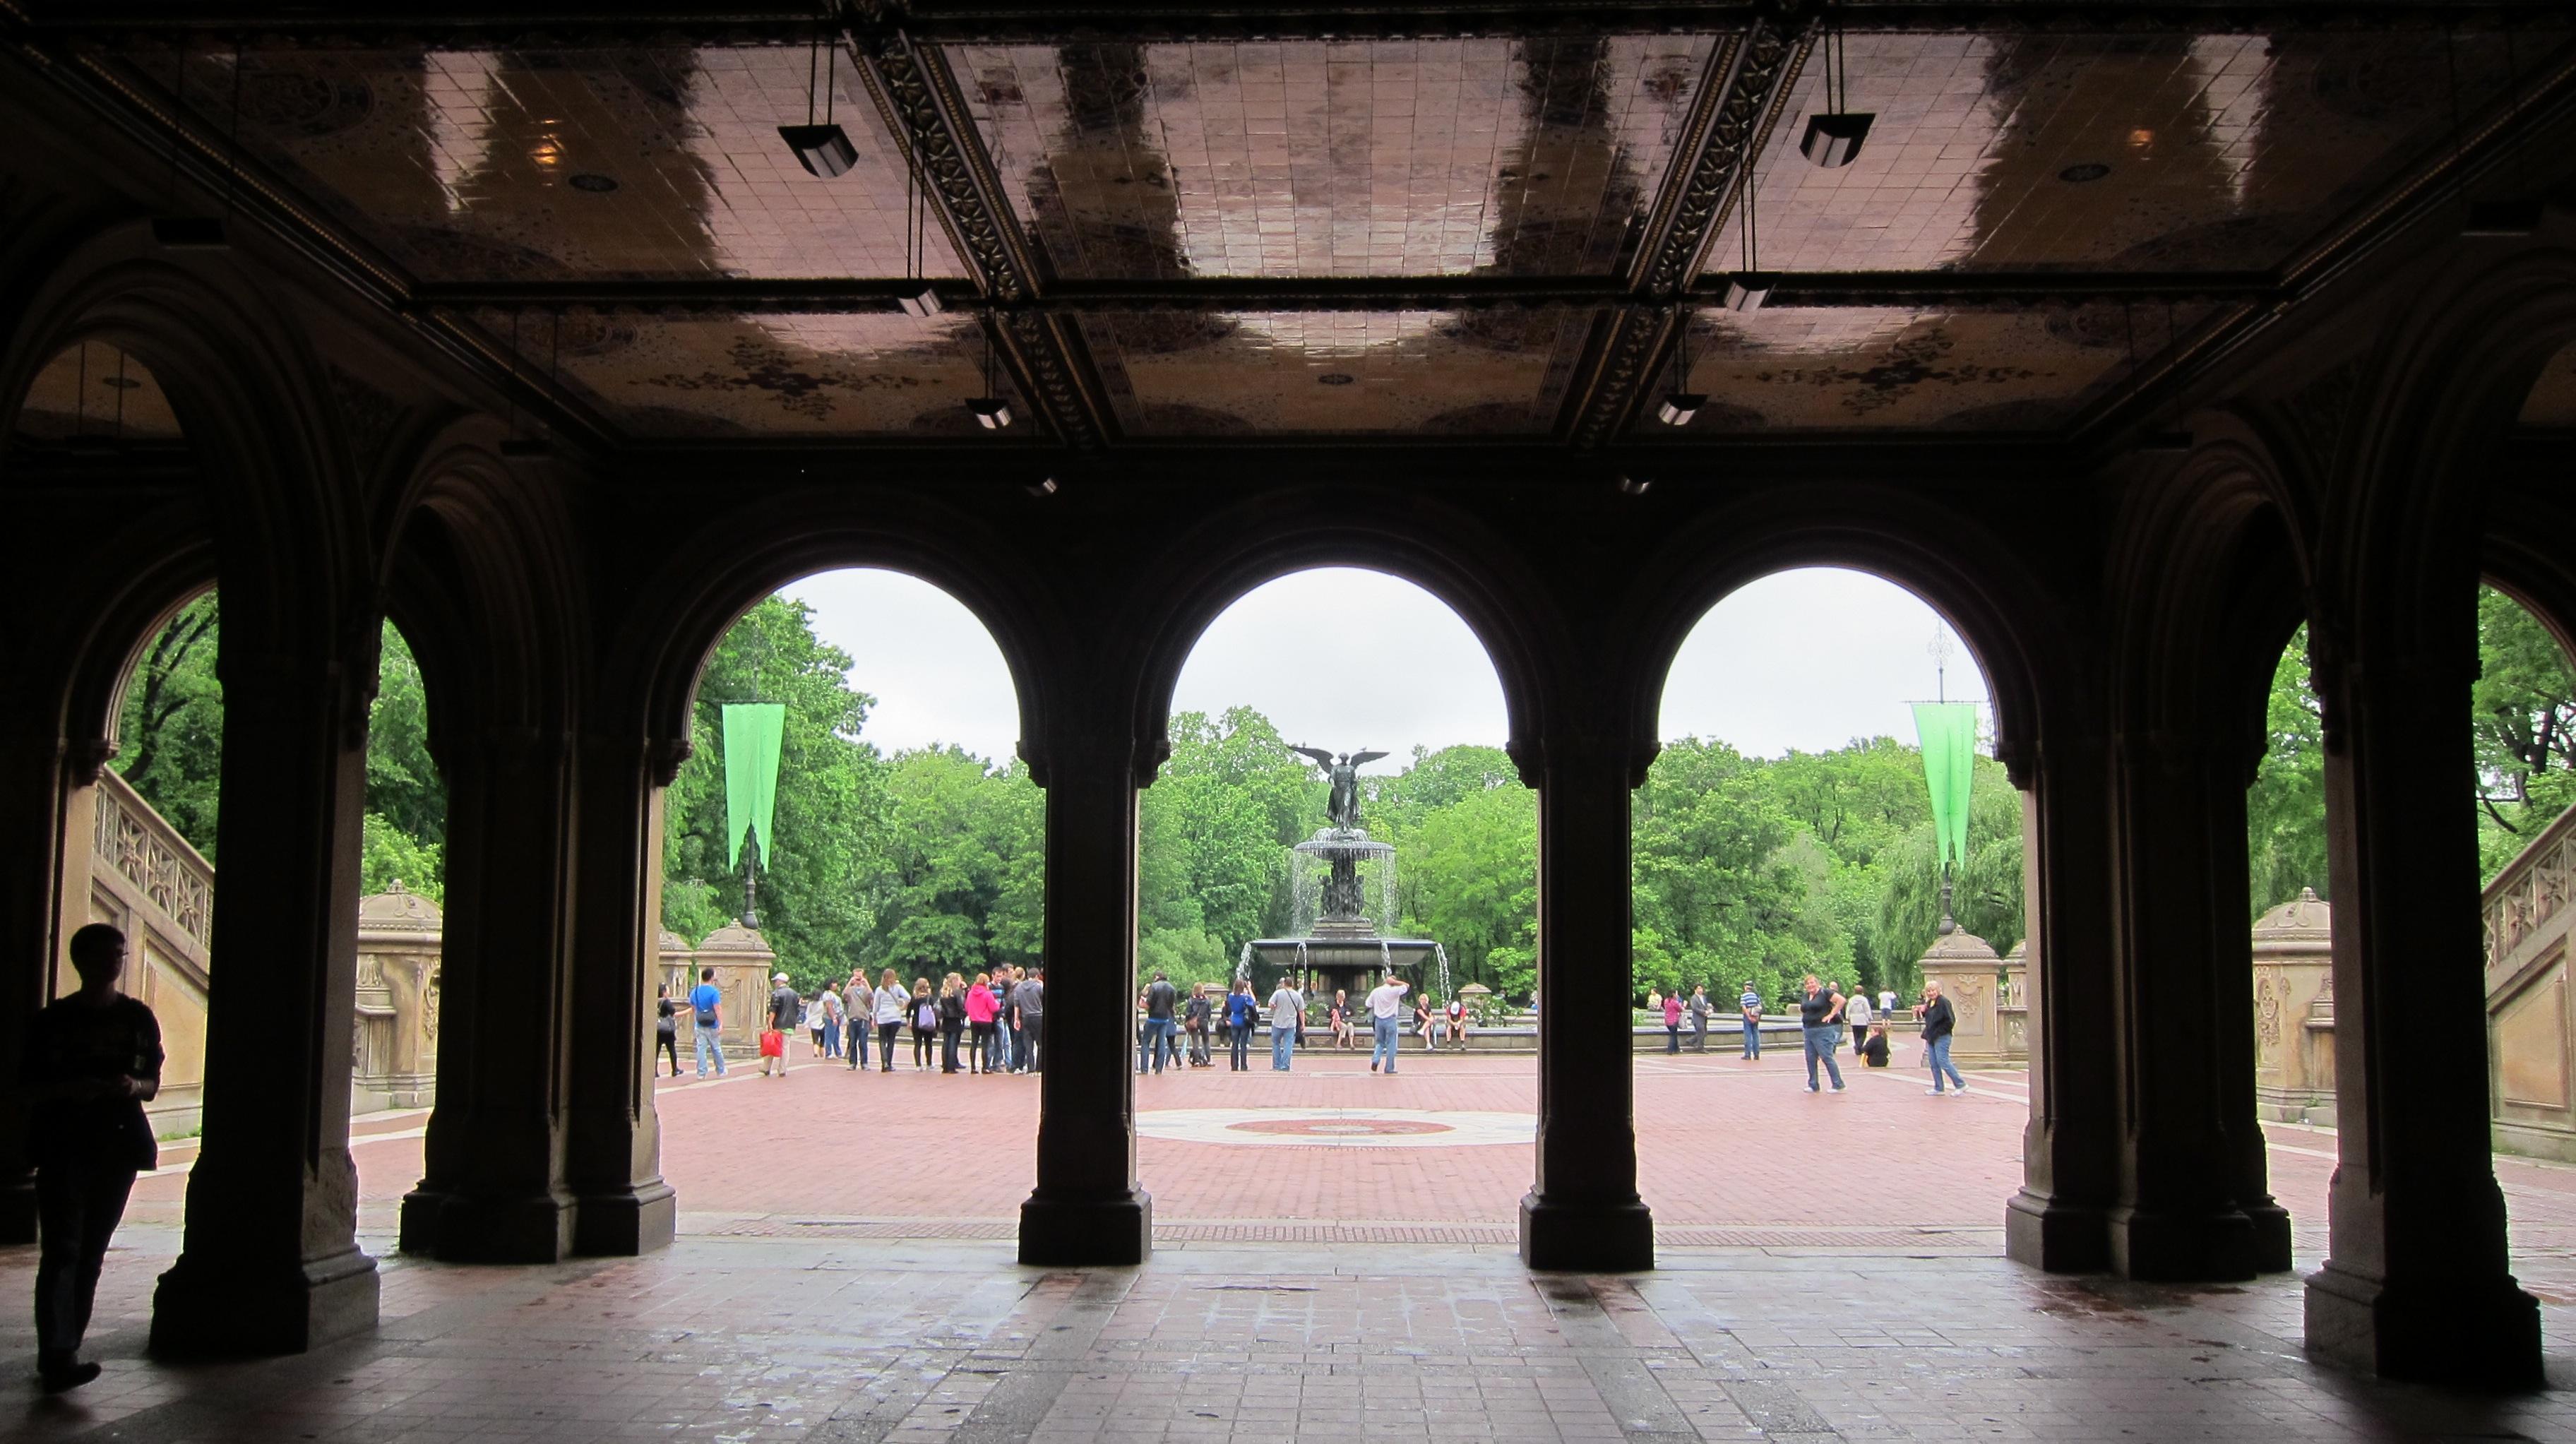 2012-09-10-NYNYCCentralParkBethesdaTerrace0520120113copy.JPG